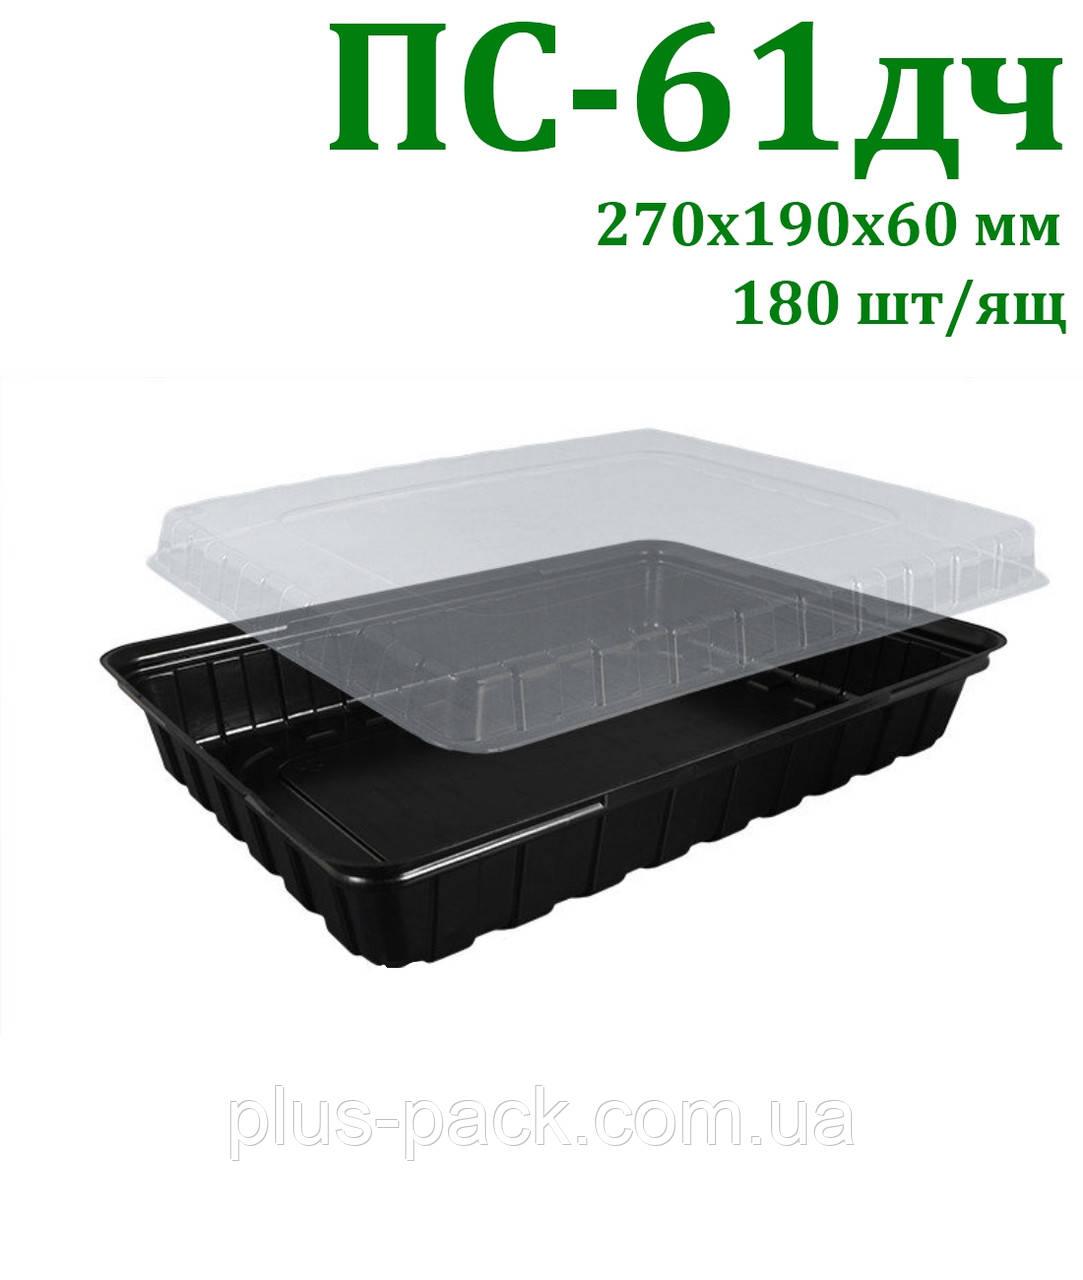 Блистерная одноразовая упаковка для суши и роллов ПС-61.Белый и коричневый цвет!